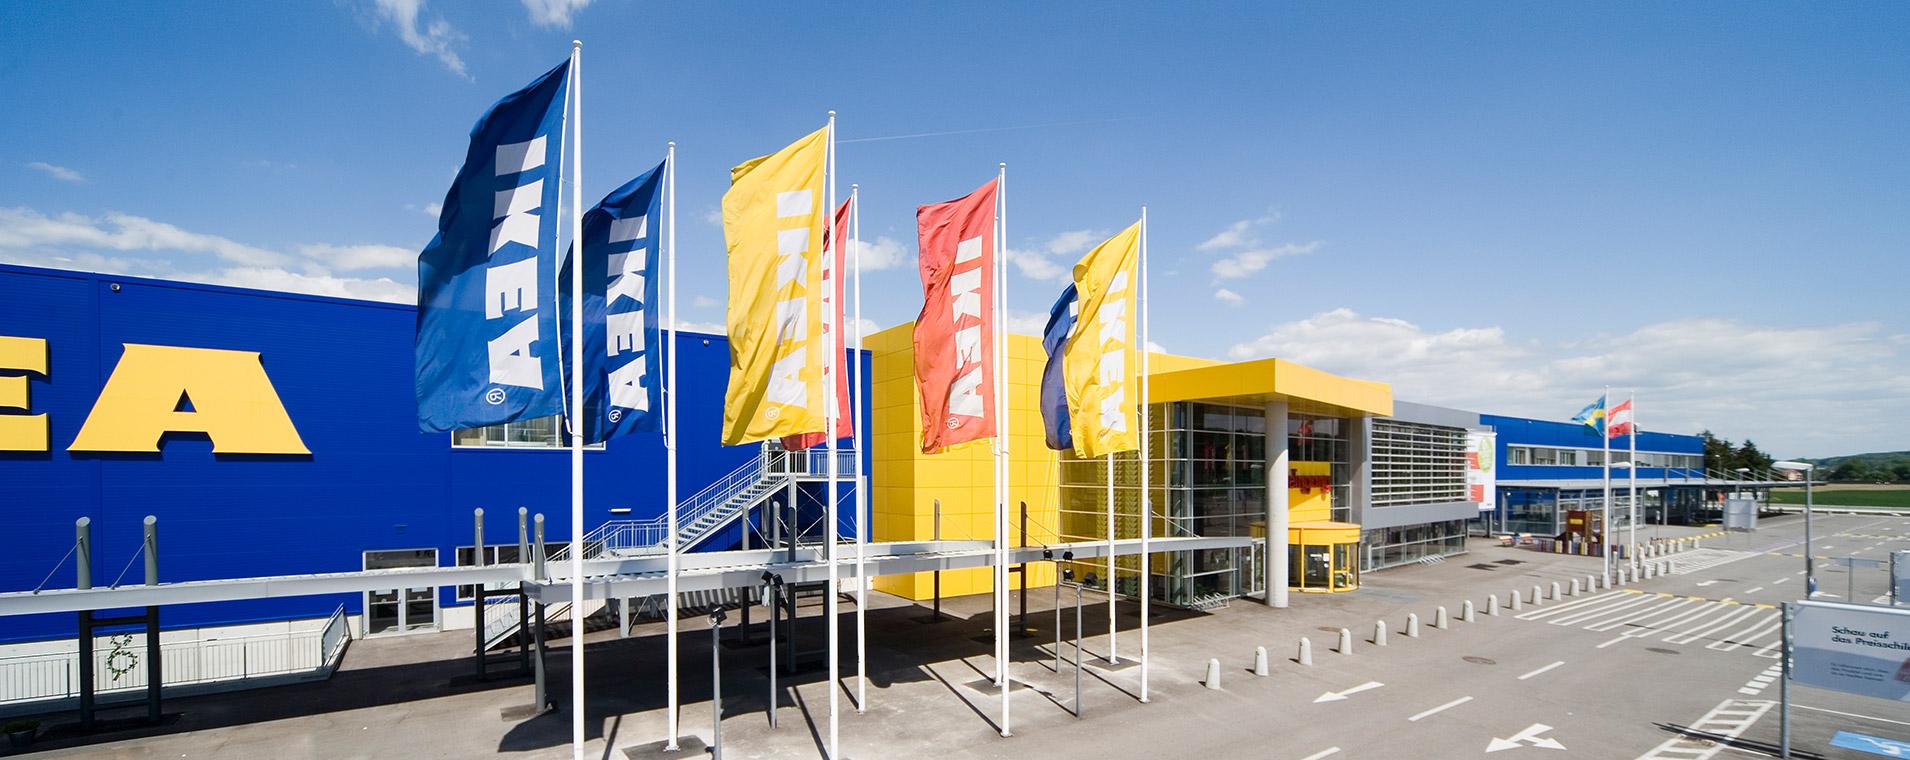 Retail_Ikea_Architektur_Bottler_Lutz